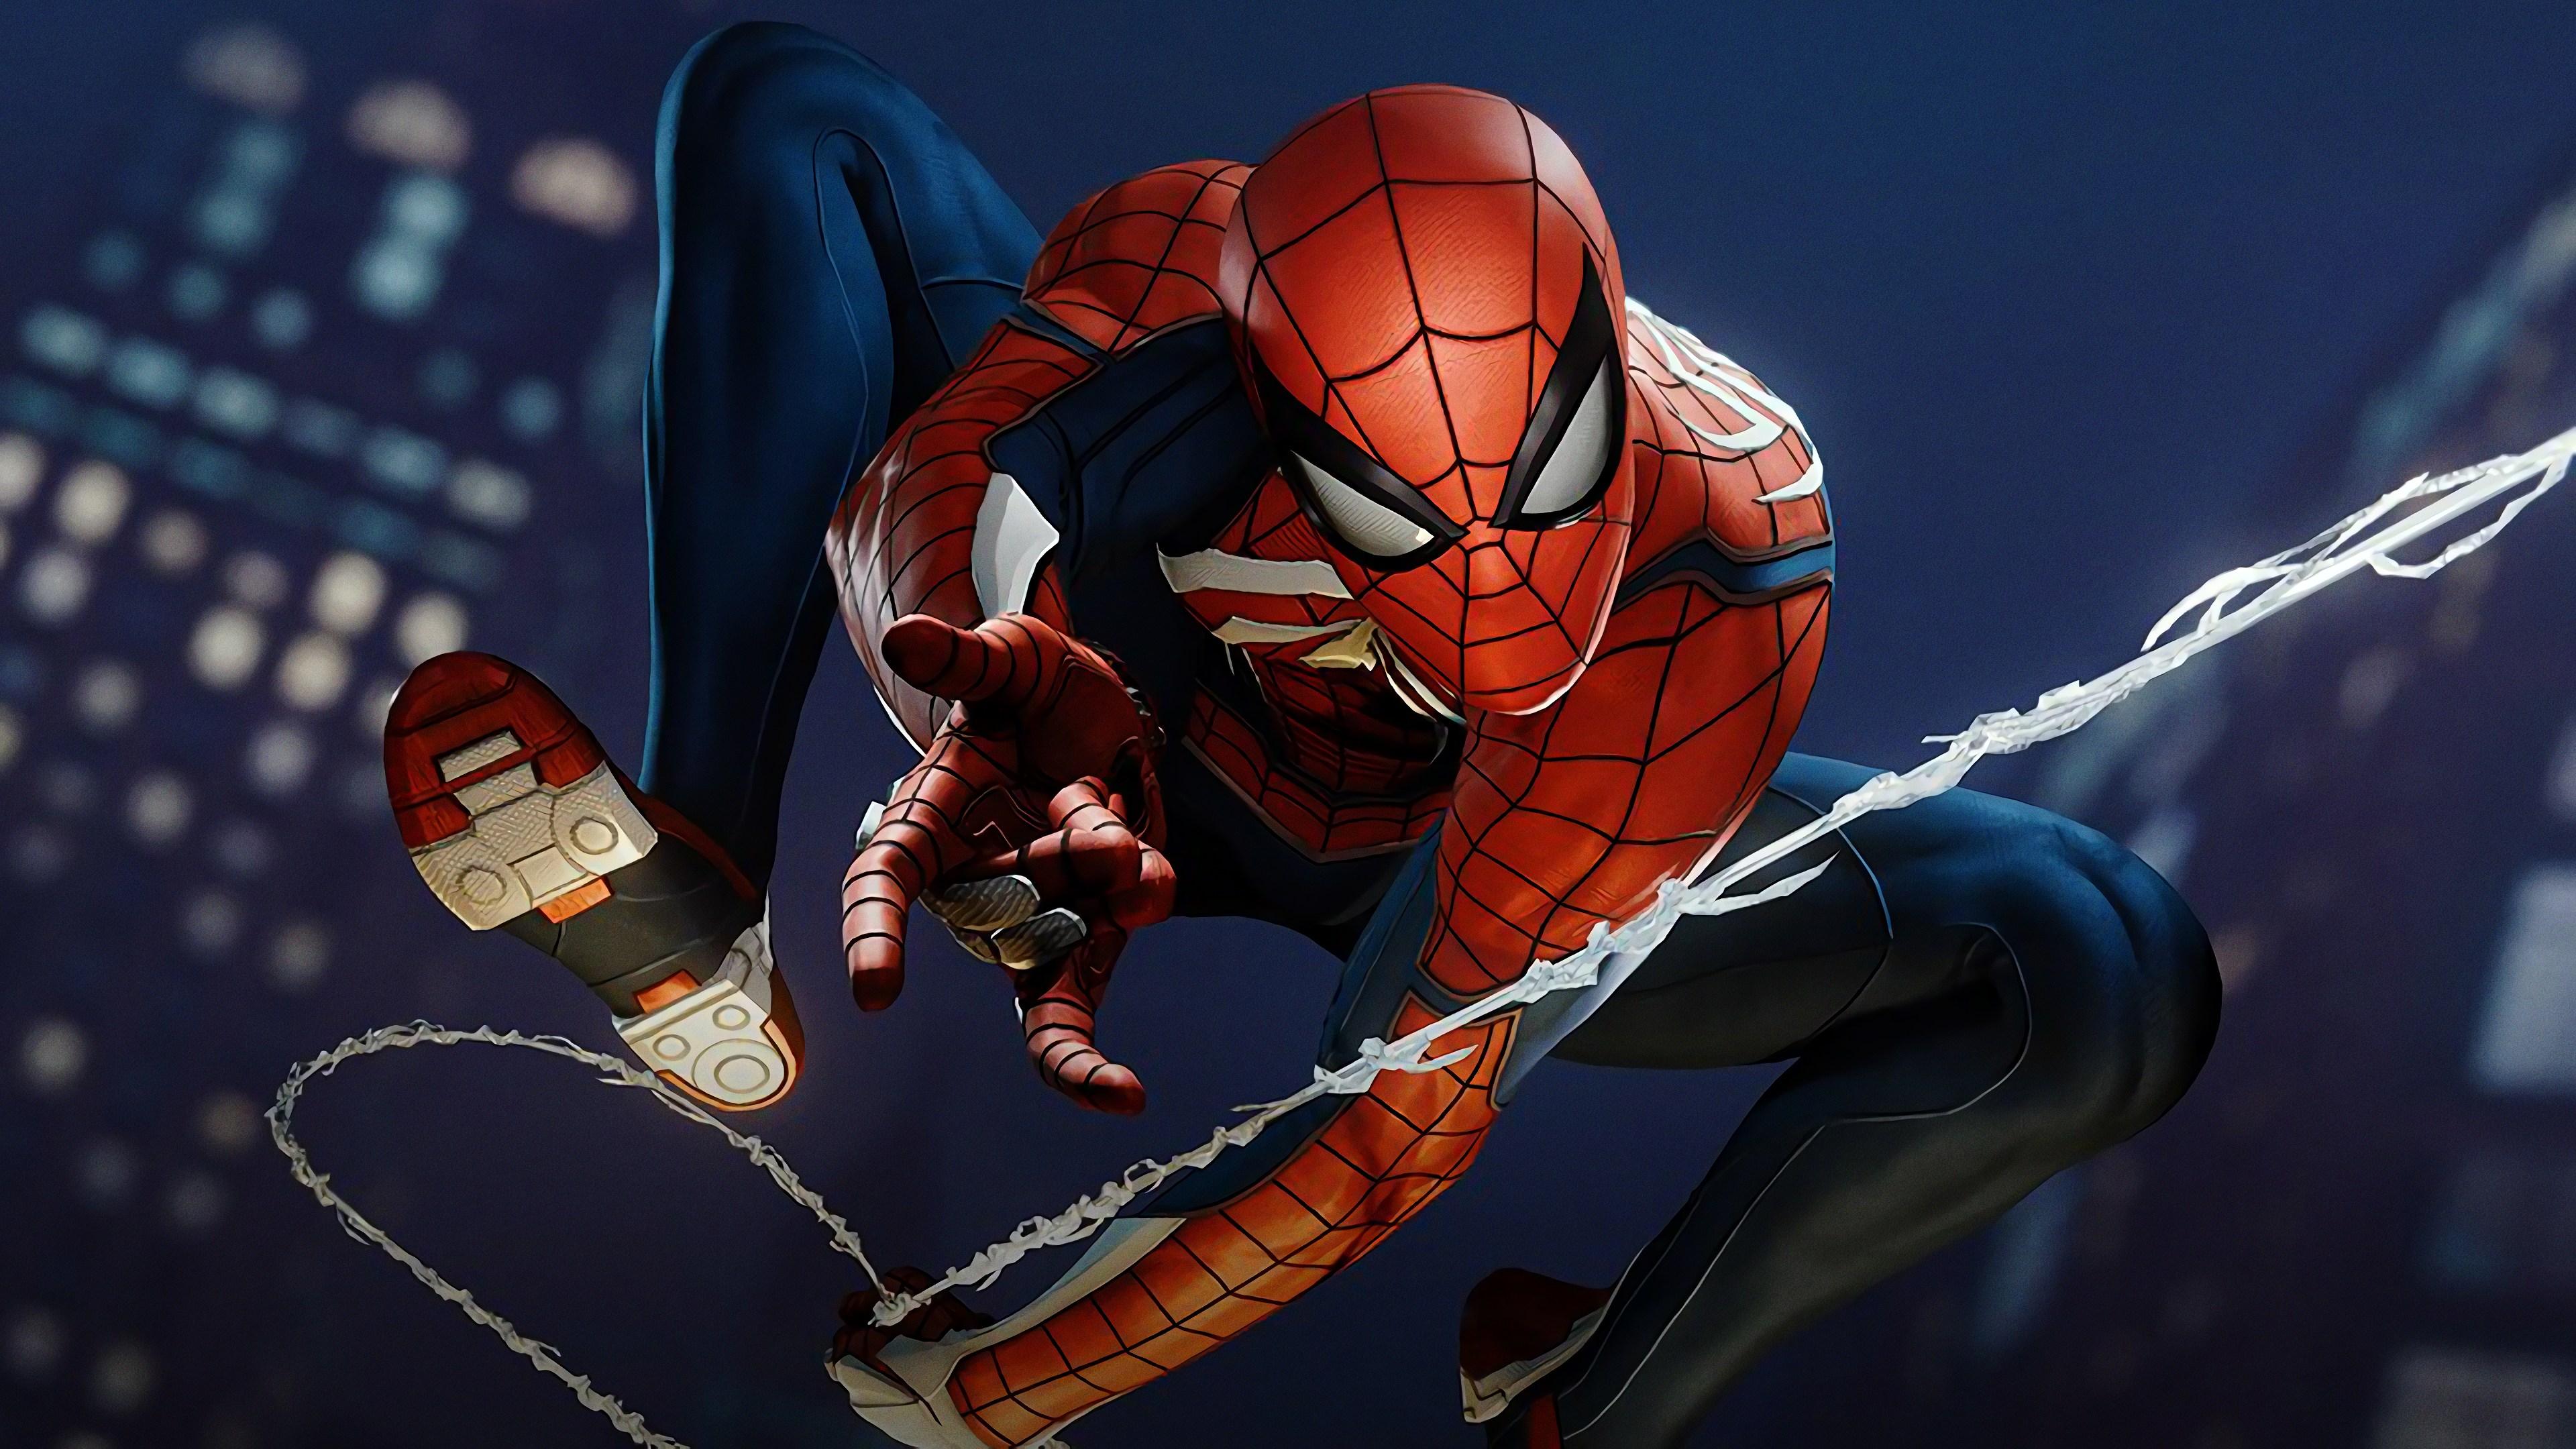 4k Spiderman Ps4 superheroes wallpapers, spiderman ...